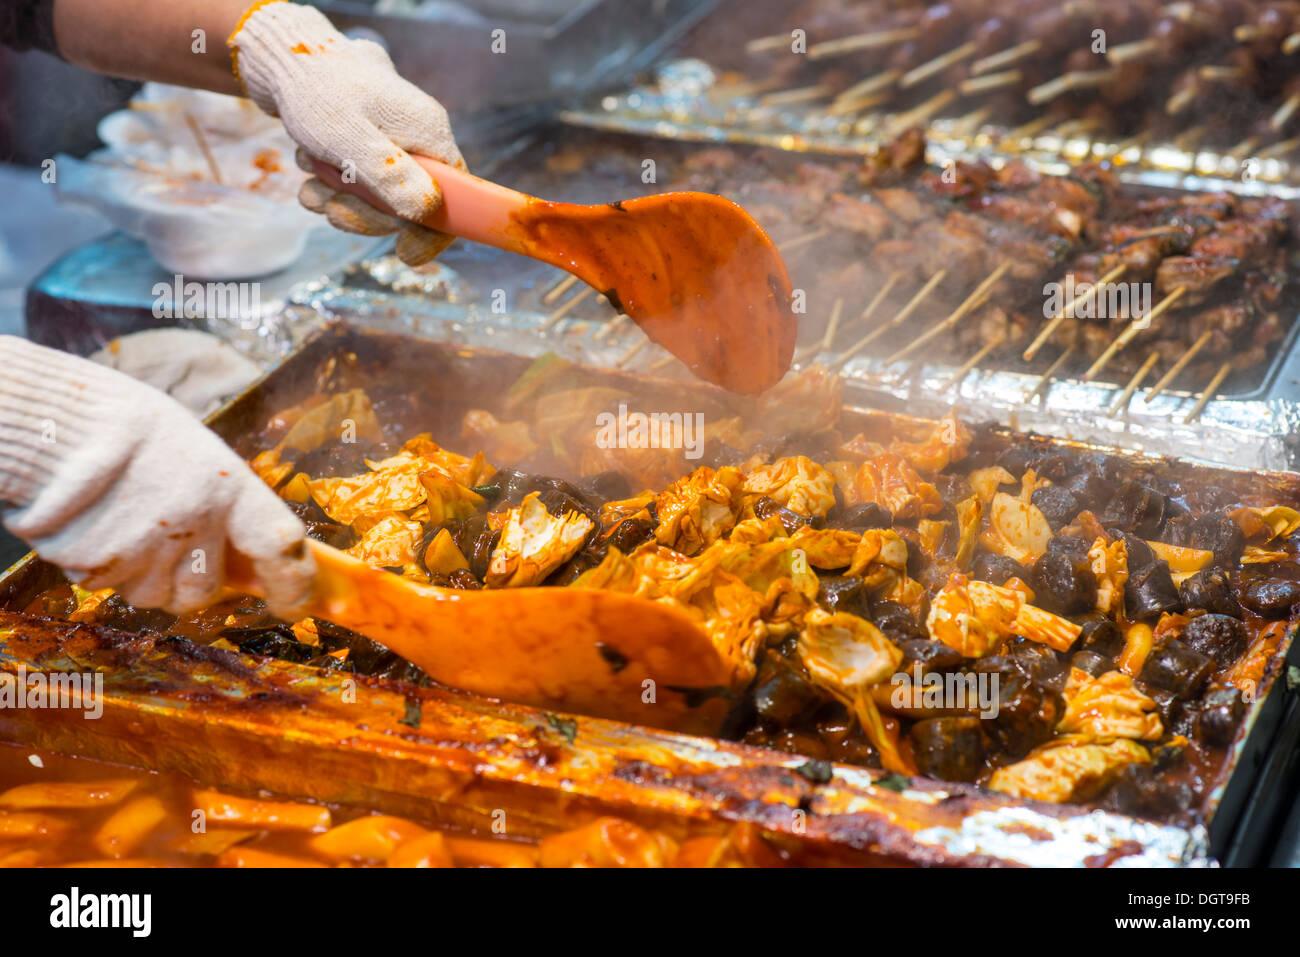 Essen-Vorbereitung auf einen Nachtmarkt in Myeong-Dong, Seoul, Südkorea. Stockbild